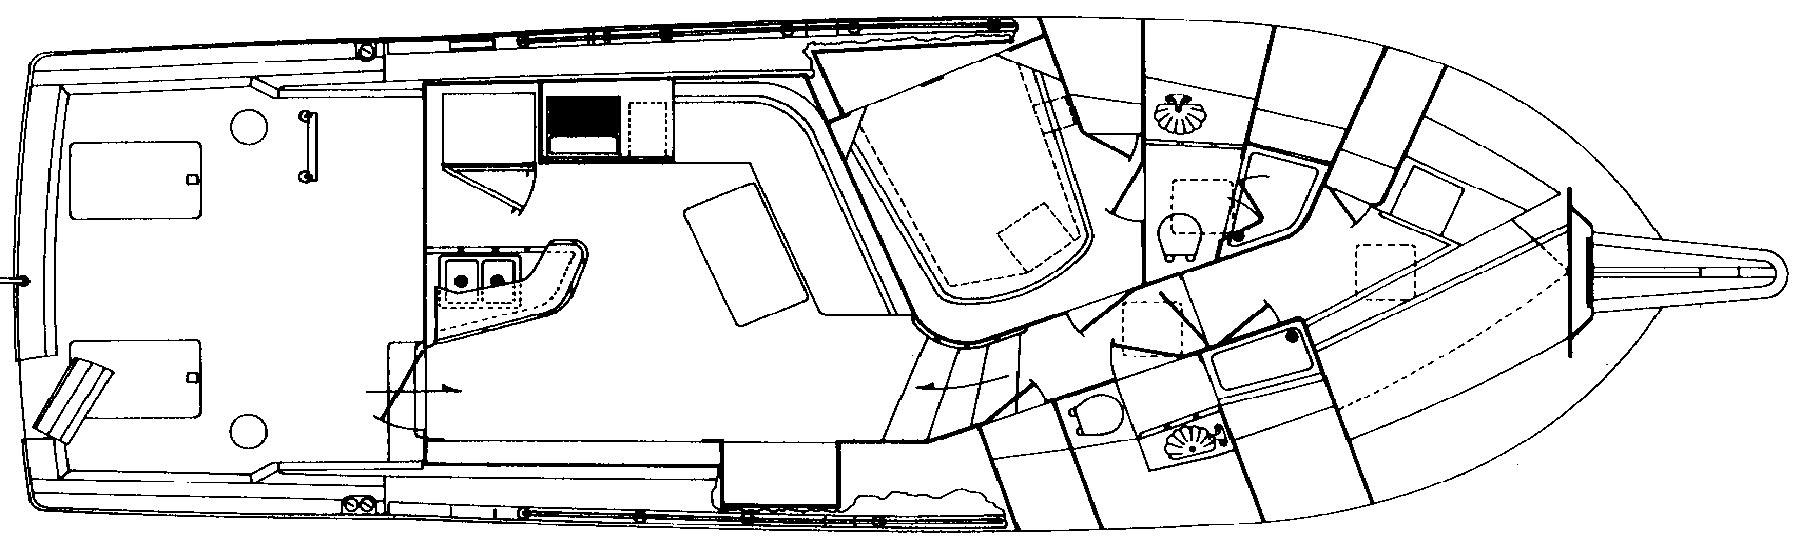 422 Commander Floor Plan 2